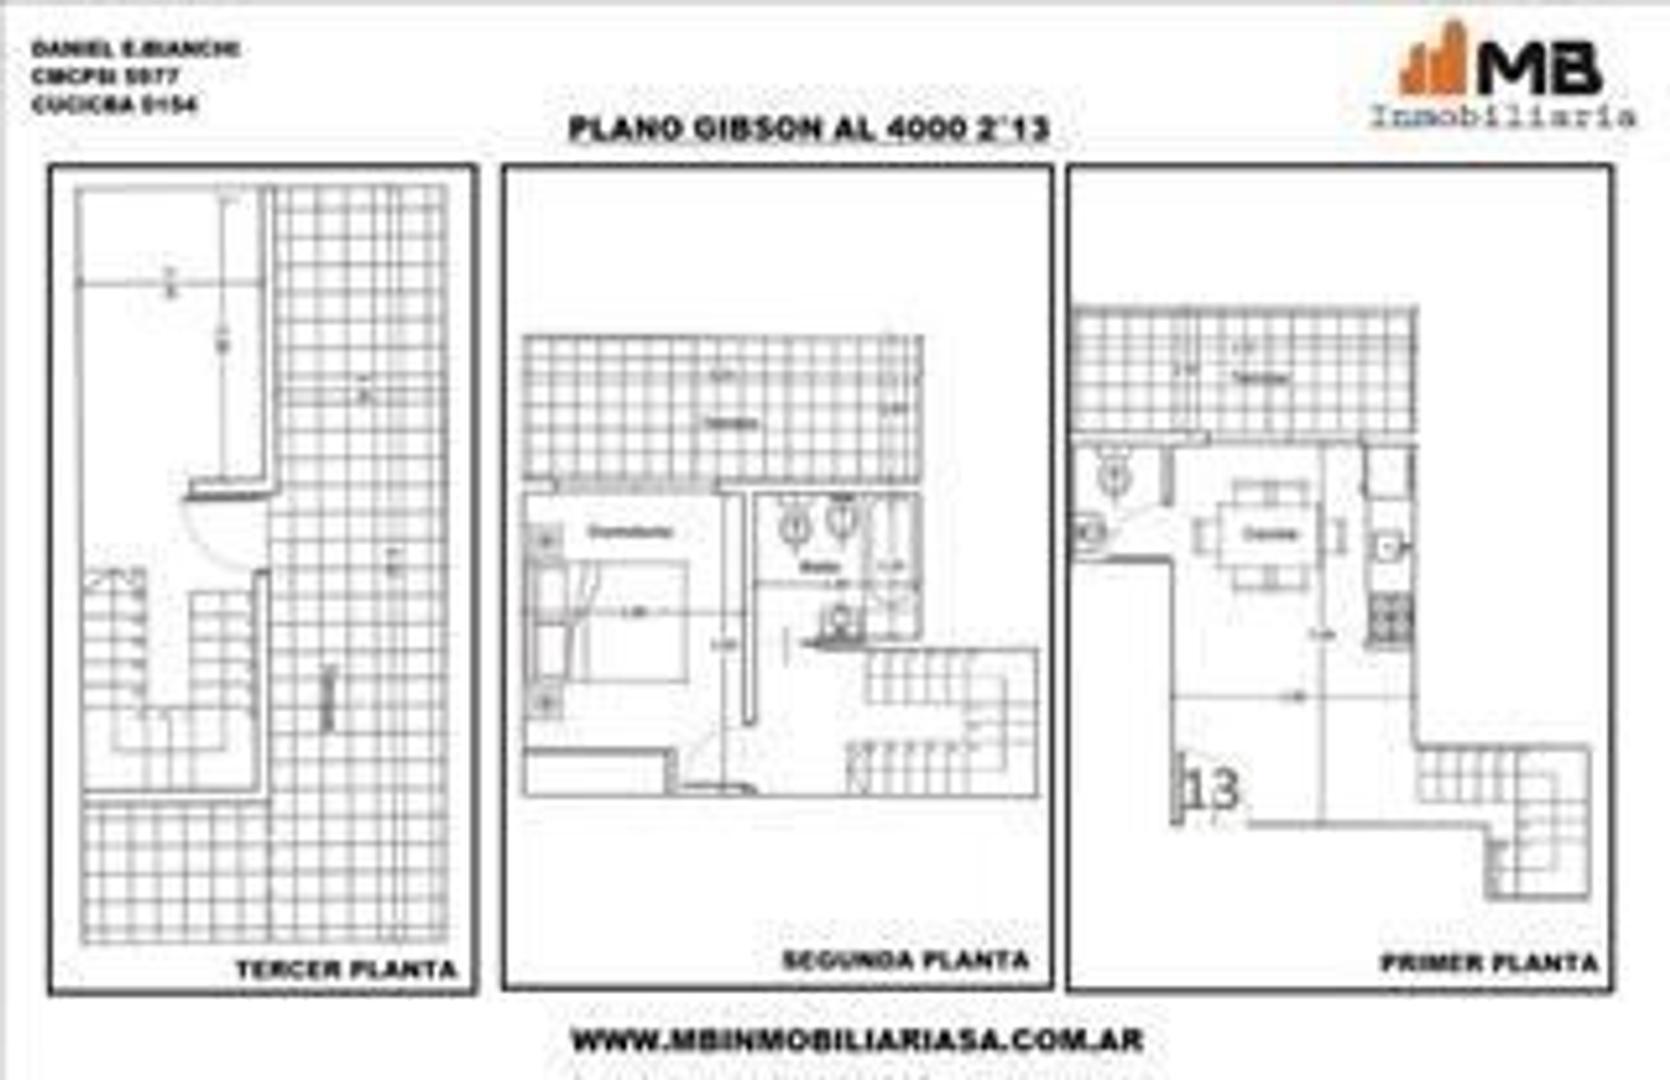 Boedo venta en pozo PH 3 amb.c/terraza en Gibson al 4000 2°13